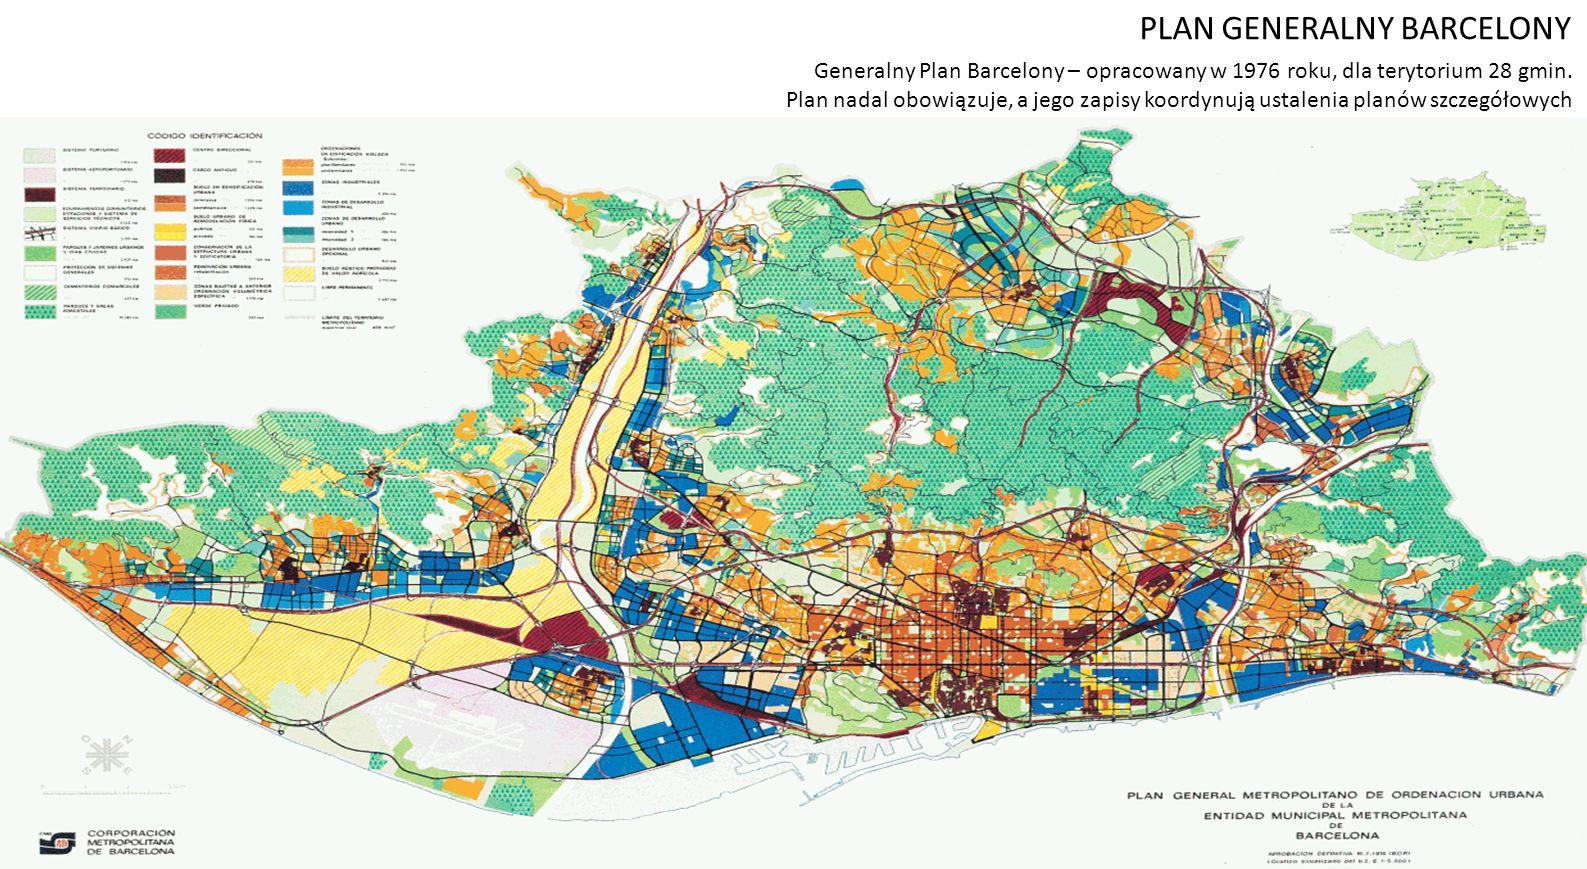 Generalny Plan Barcelony – opracowany w 1976 roku, dla terytorium 28 gmin.